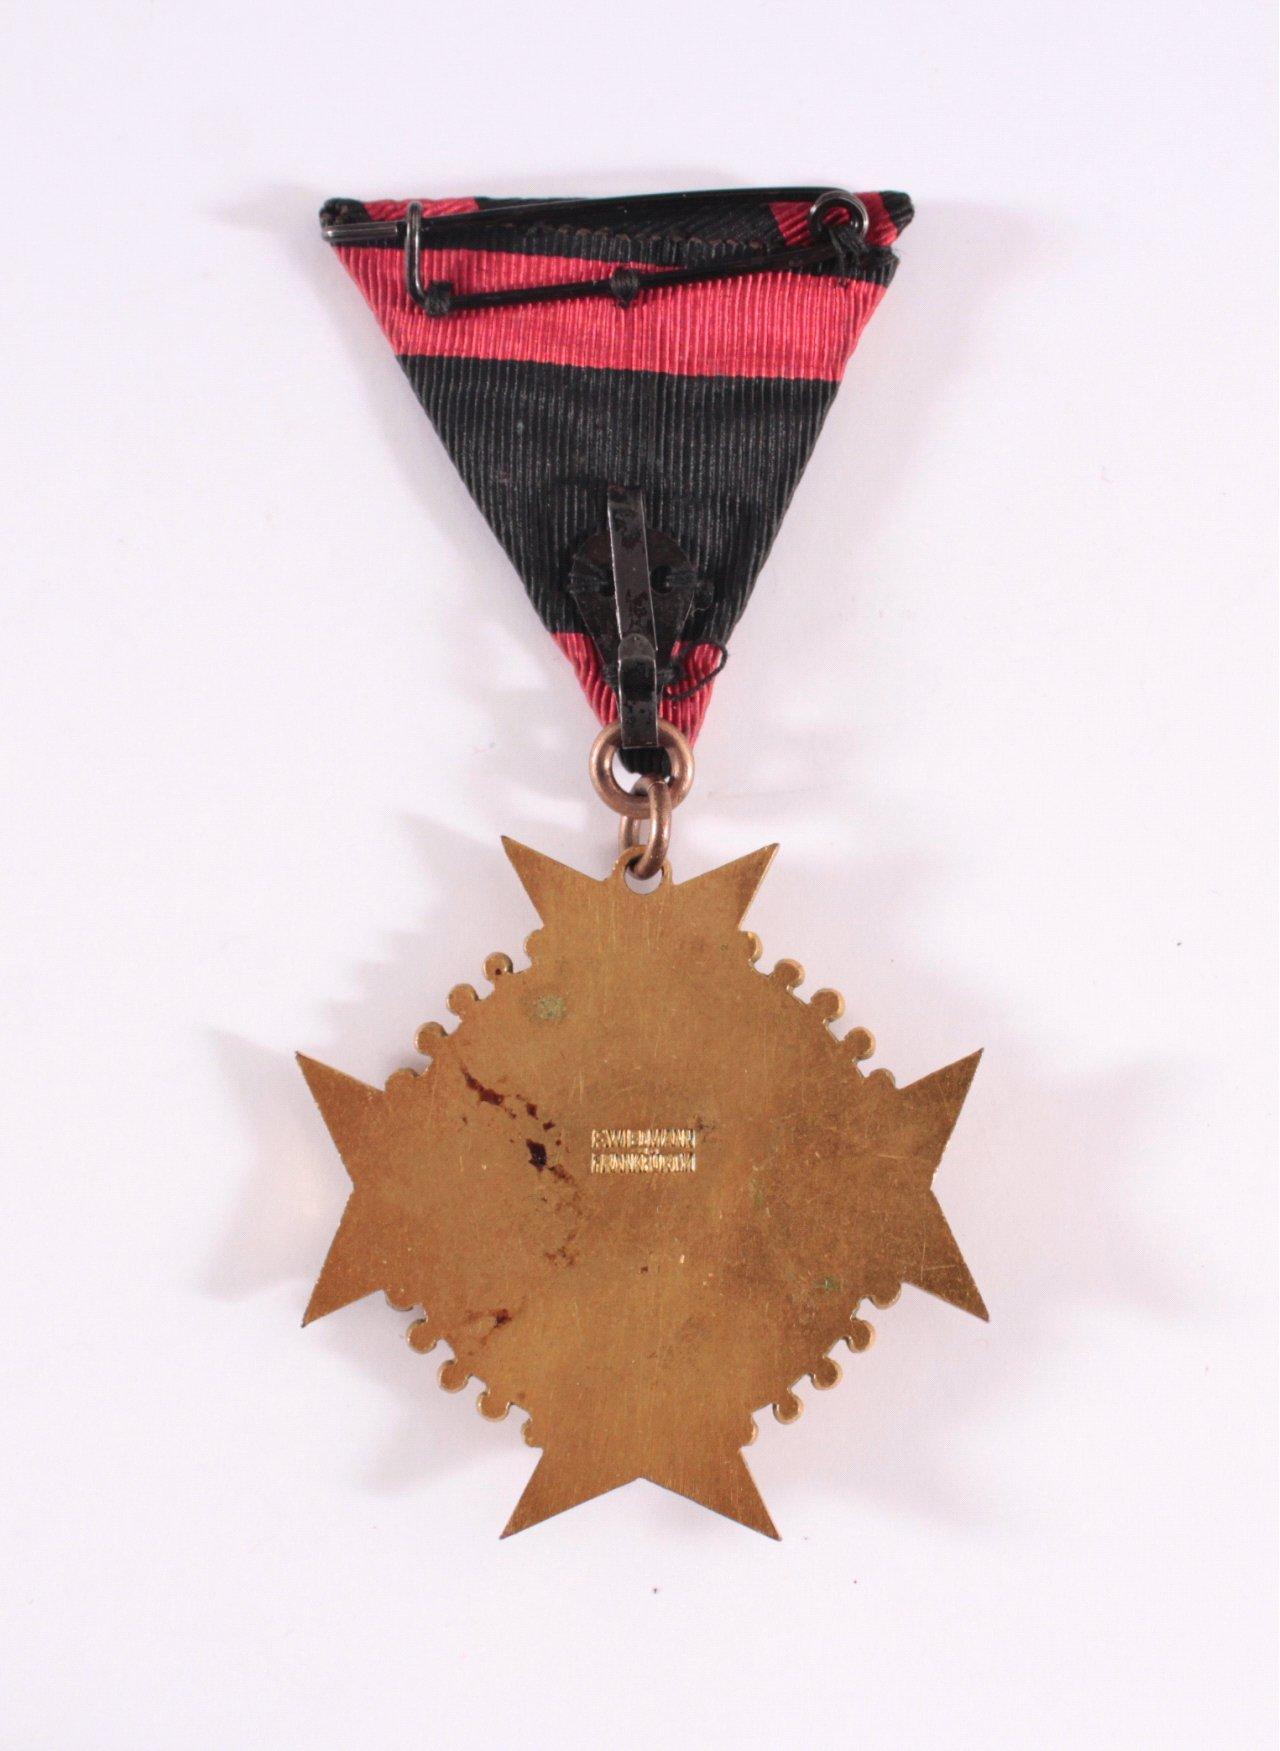 Weitpreis 17. Kongress der ARU in Düsseldorf 1902